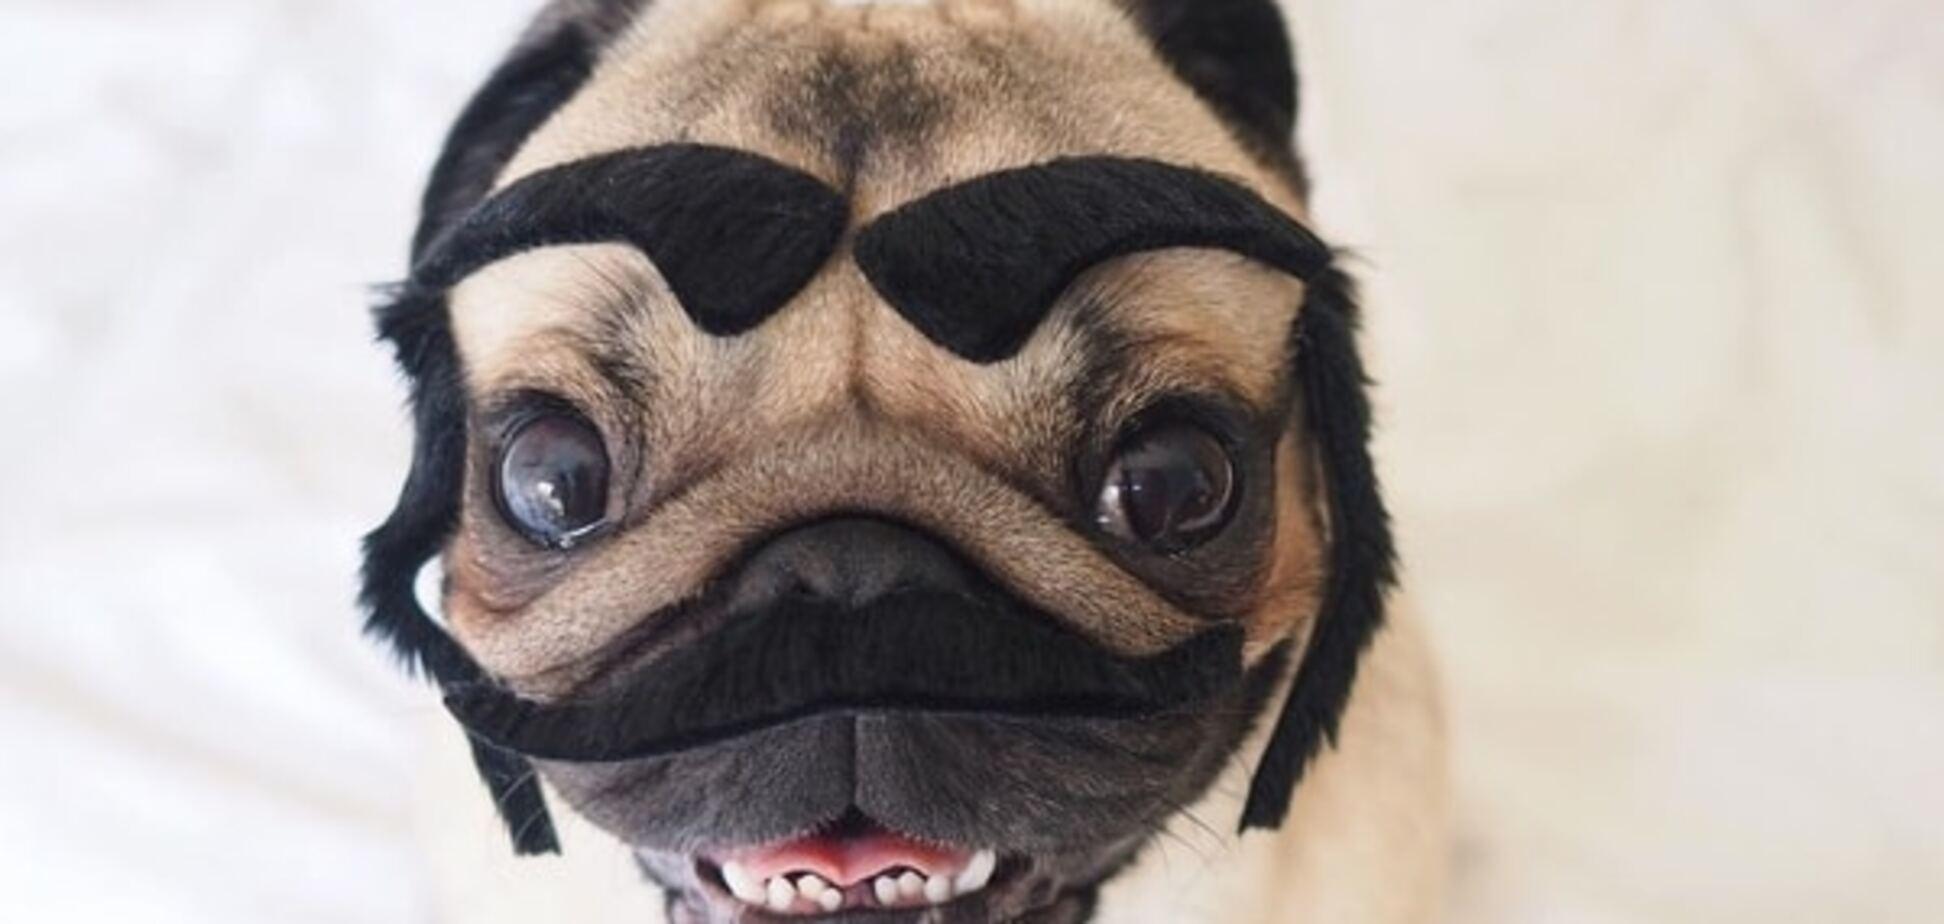 Справжній мачо: мопс-хіпстер став улюбленцем Instagram